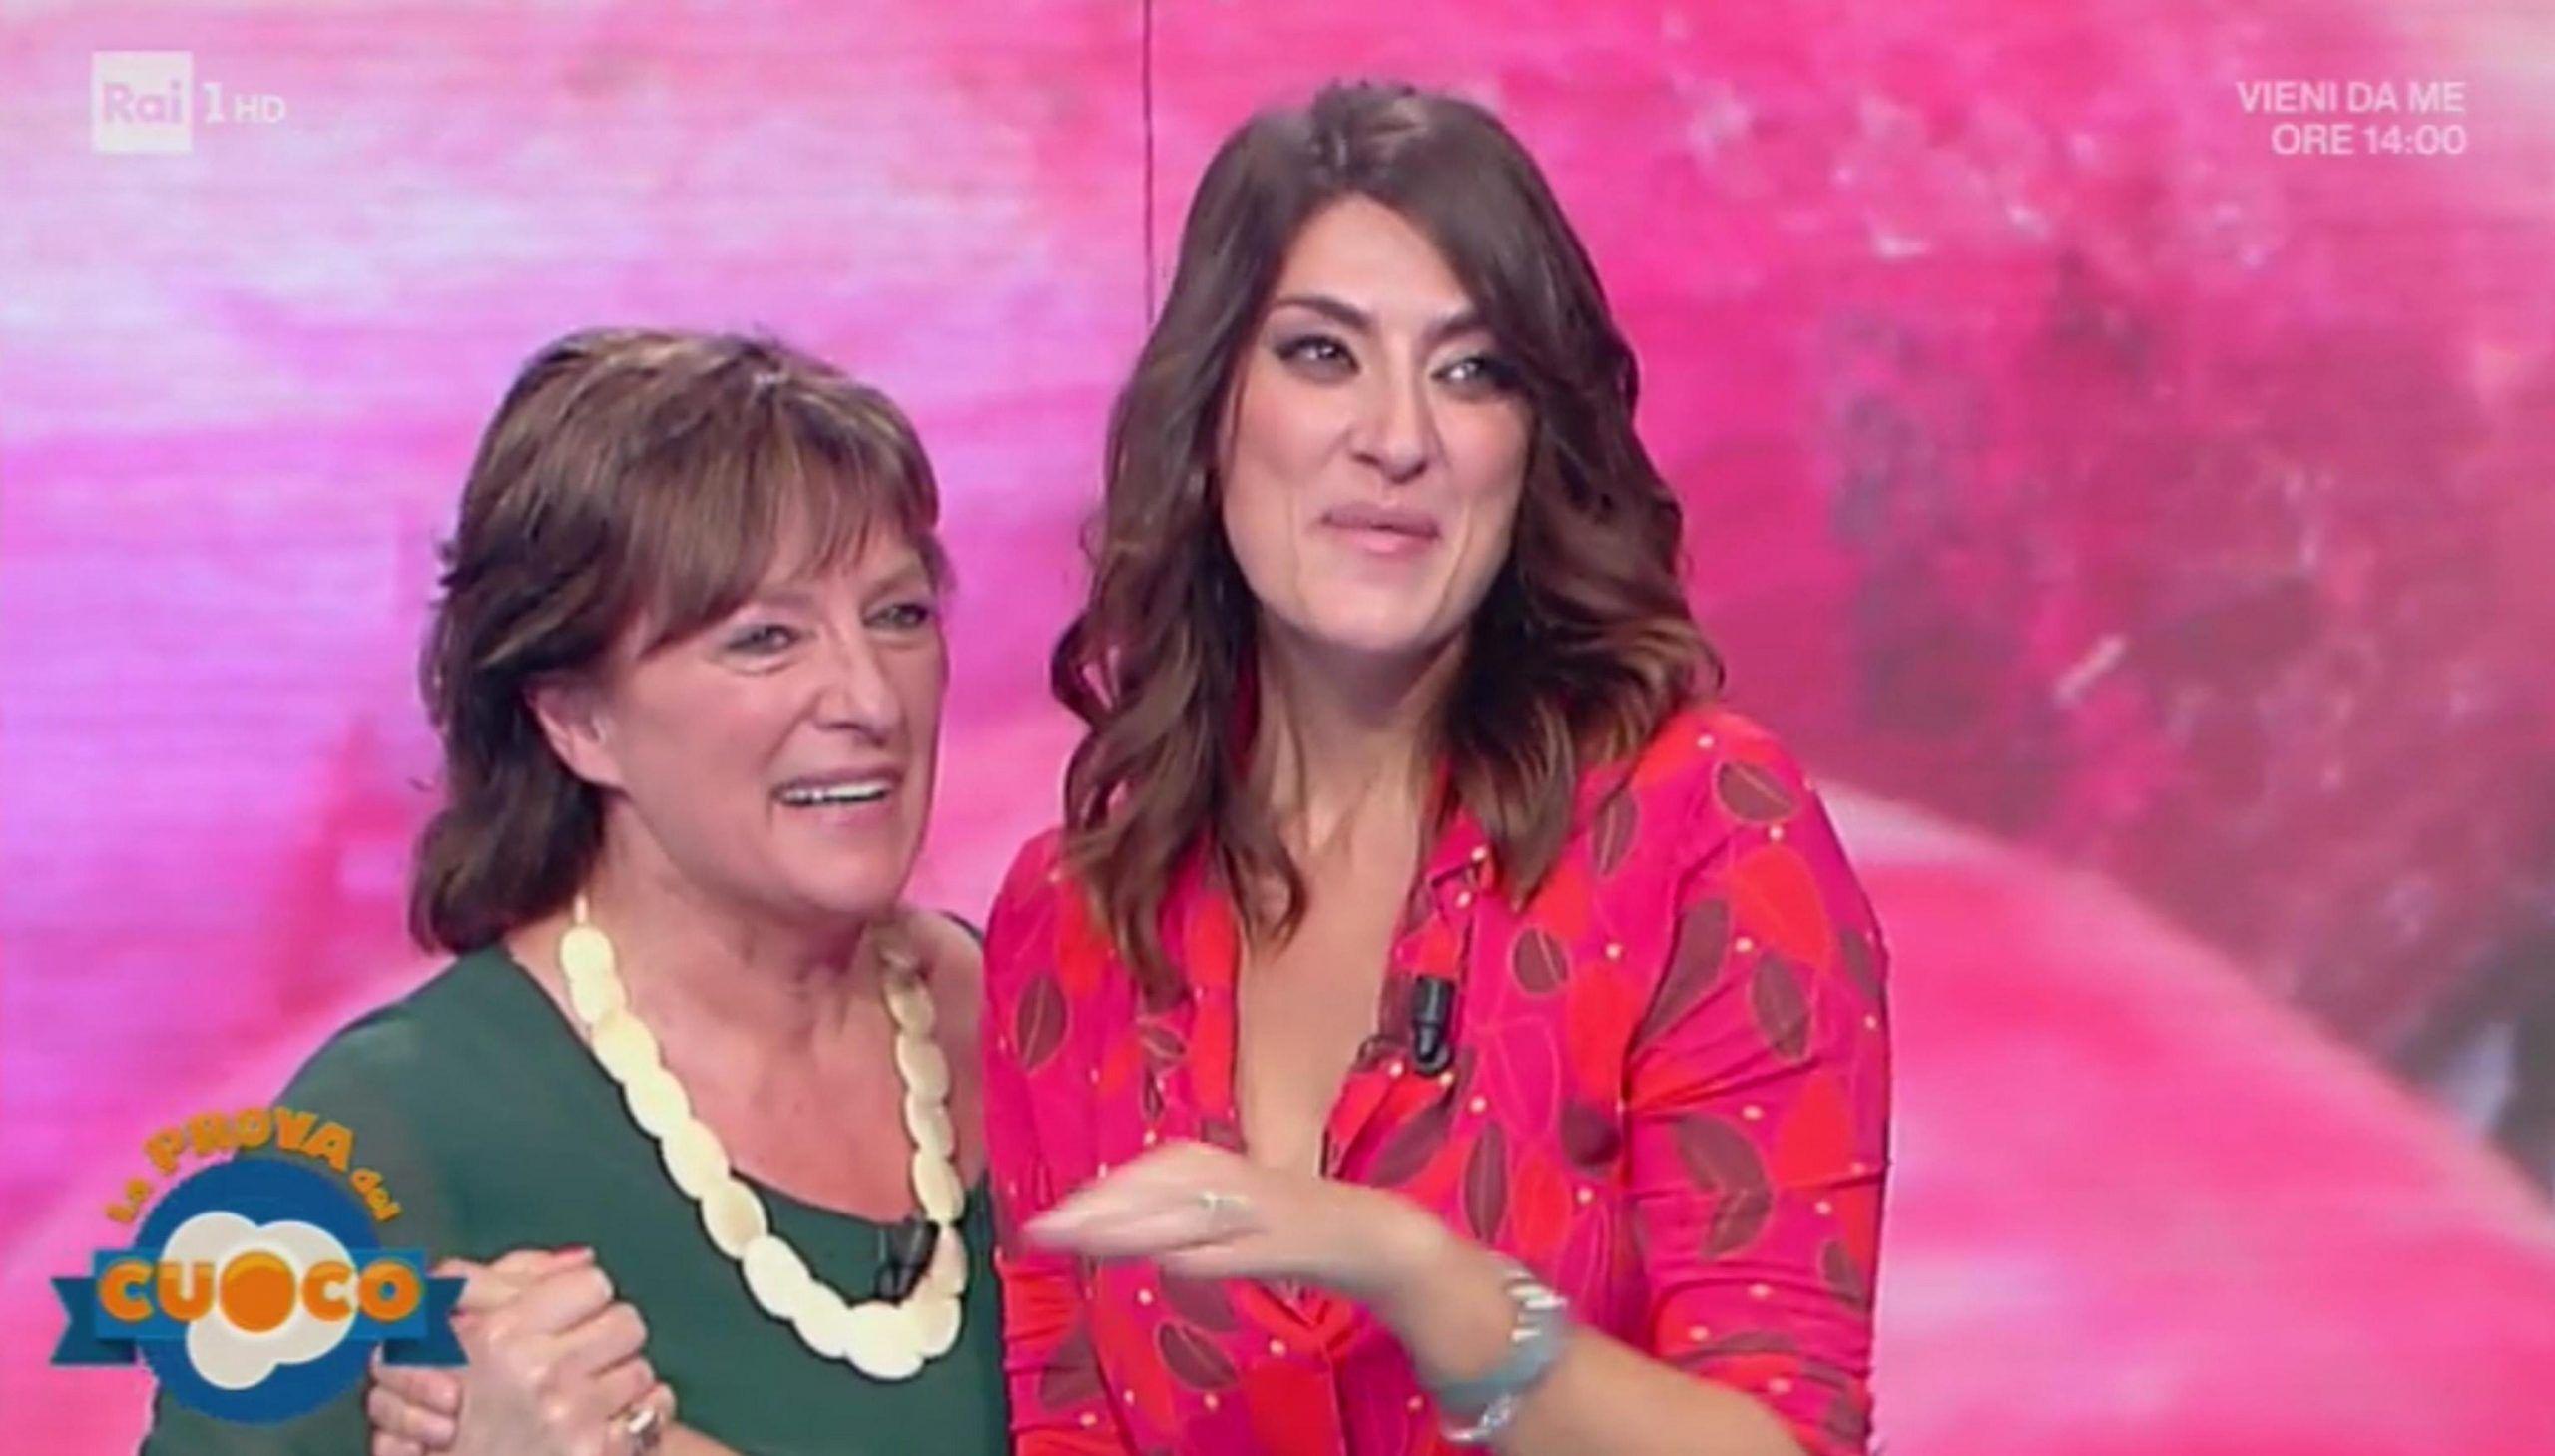 La Prova del cuoco, Elisa Isoardi in lacrime: la madre in studio per la prima puntata